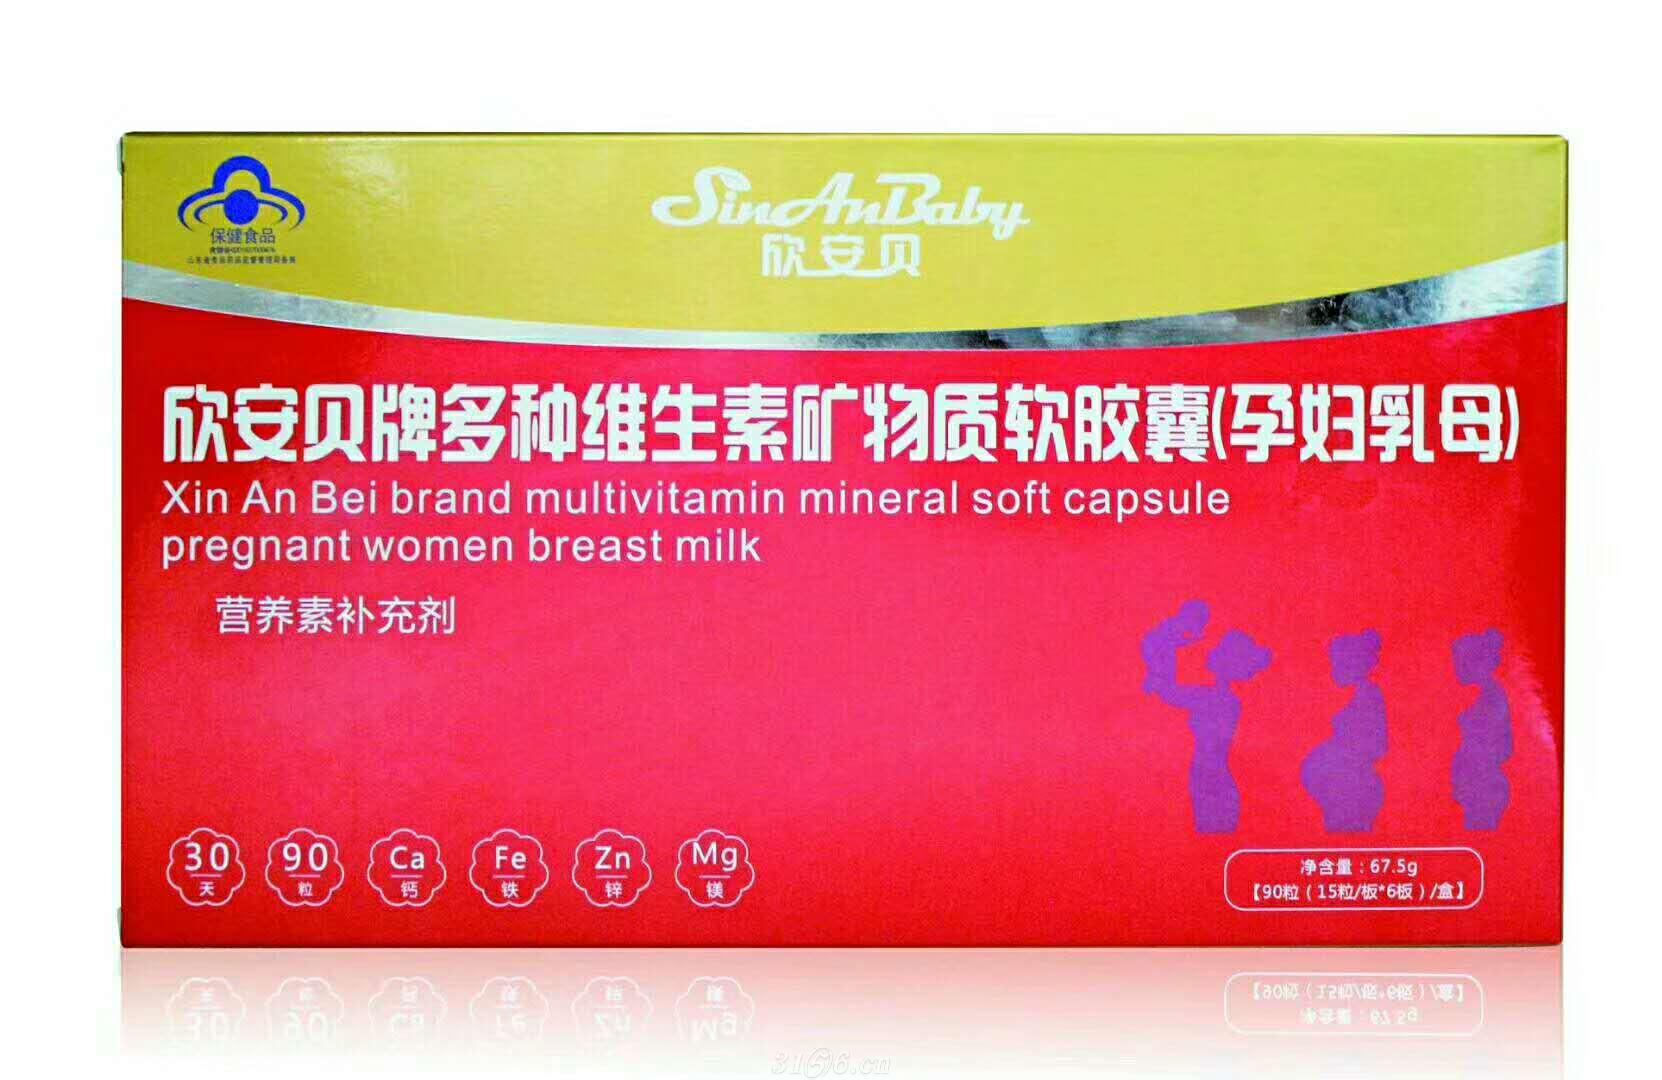 欣安贝牌多种维生素矿物质软胶囊招商